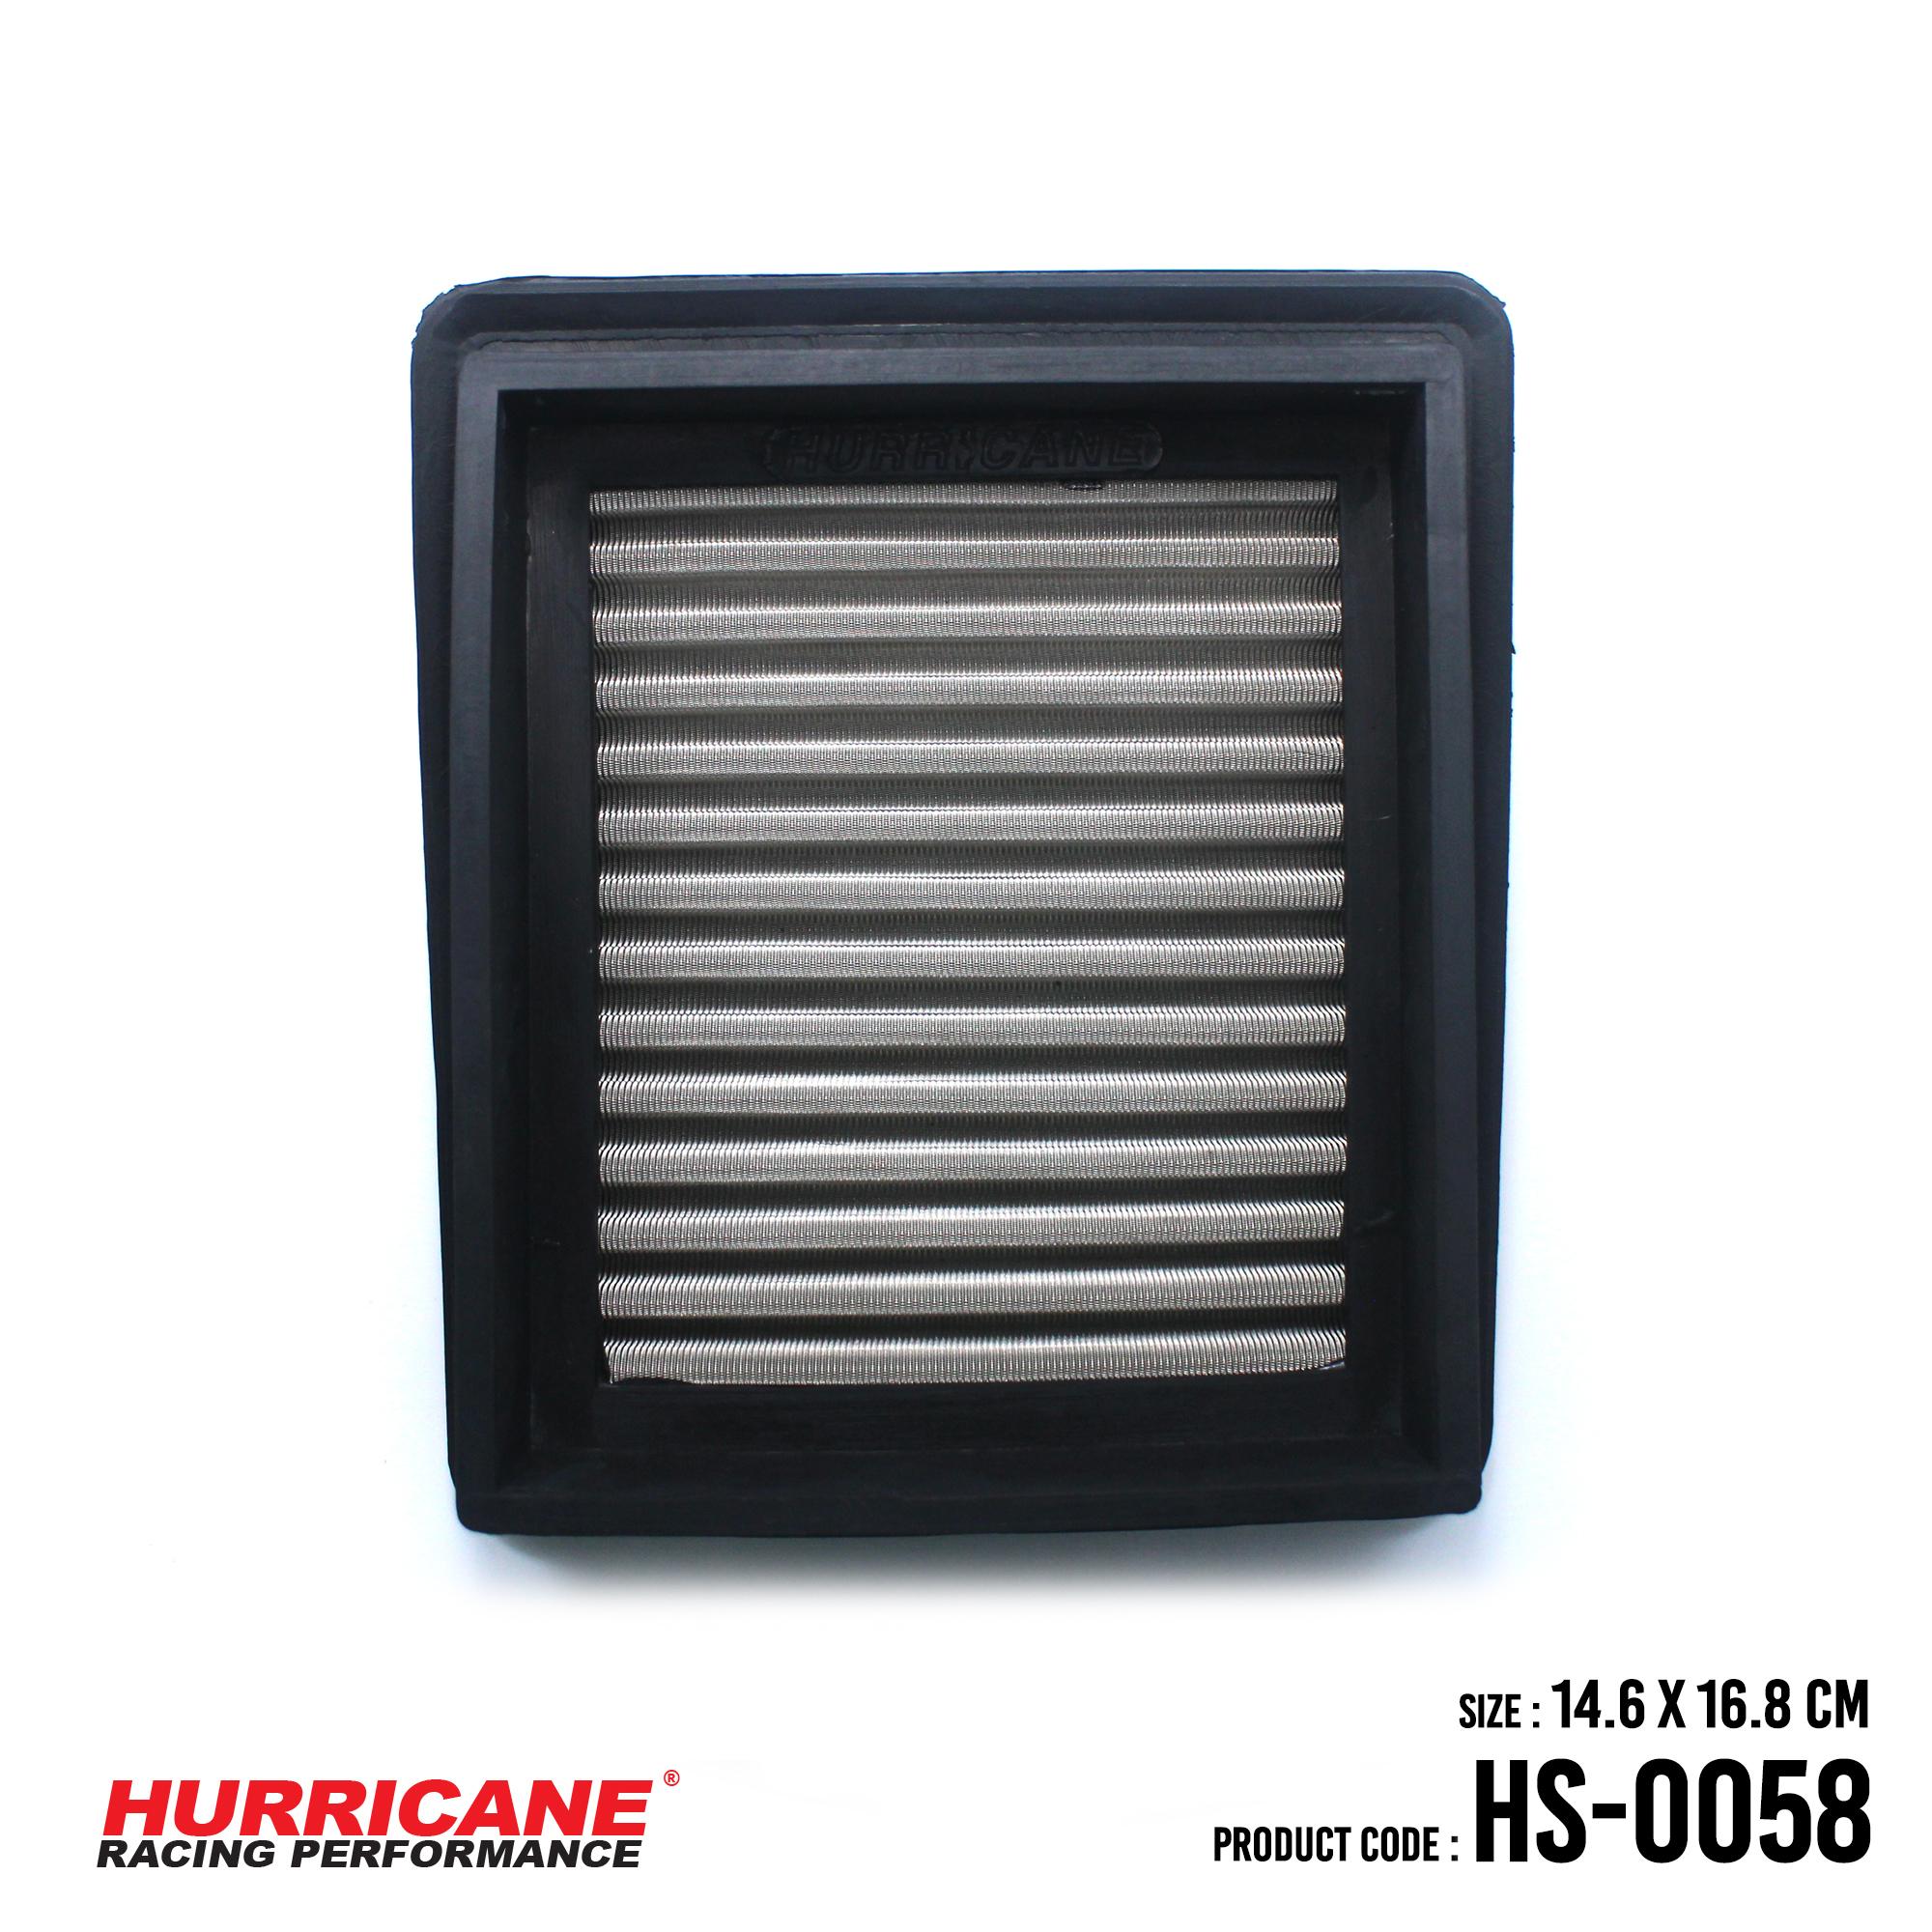 HURRICANE STAINLESS STEEL AIR FILTER FOR HS-0058 Honda